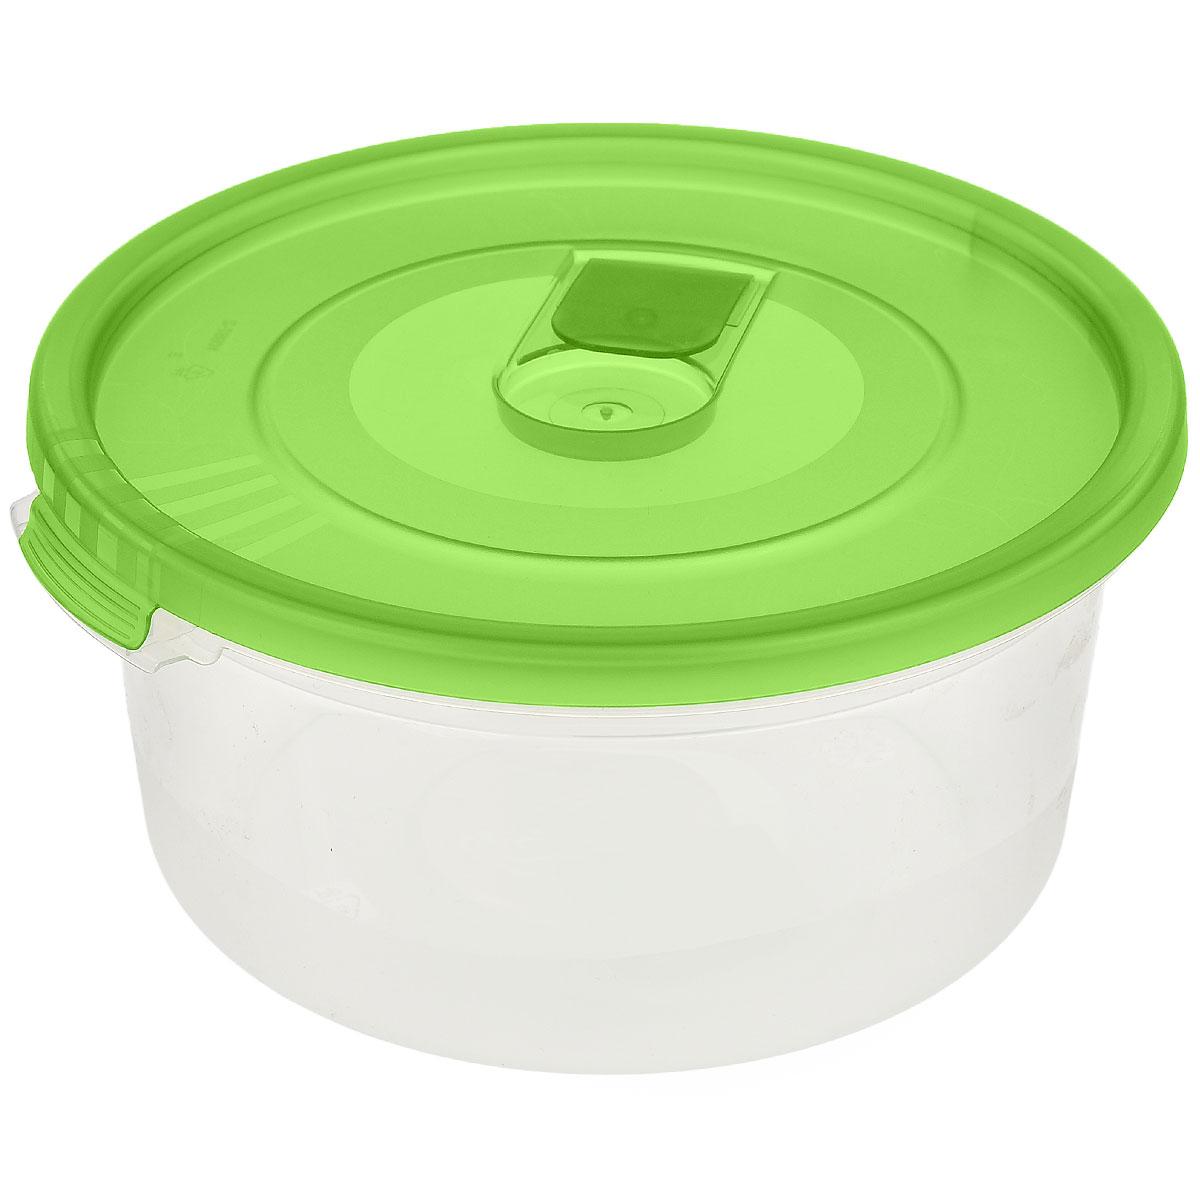 Контейнер Полимербыт Смайл, цвет: прозрачный, зеленый, 800 мл4630003364517Контейнер Полимербыт Смайл круглой формы, изготовленный из прочного пластика, специально предназначен для хранения пищевых продуктов. Контейнер оснащен герметичной крышкой со специальным клапаном, благодаря которому внутри создается вакуум и продукты дольше сохраняют свежесть и аромат. Крышка легко открывается и плотно закрывается.Стенки контейнера прозрачные - хорошо видно, что внутри. Контейнер устойчив к воздействию масел и жиров, легко моется. Контейнер имеет возможность хранения продуктов глубокой заморозки, обладает высокой прочностью. Можно мыть в посудомоечной машине. Подходит для использования в микроволновых печах. Диаметр: 15 см. Высота (без крышки): 7 см.